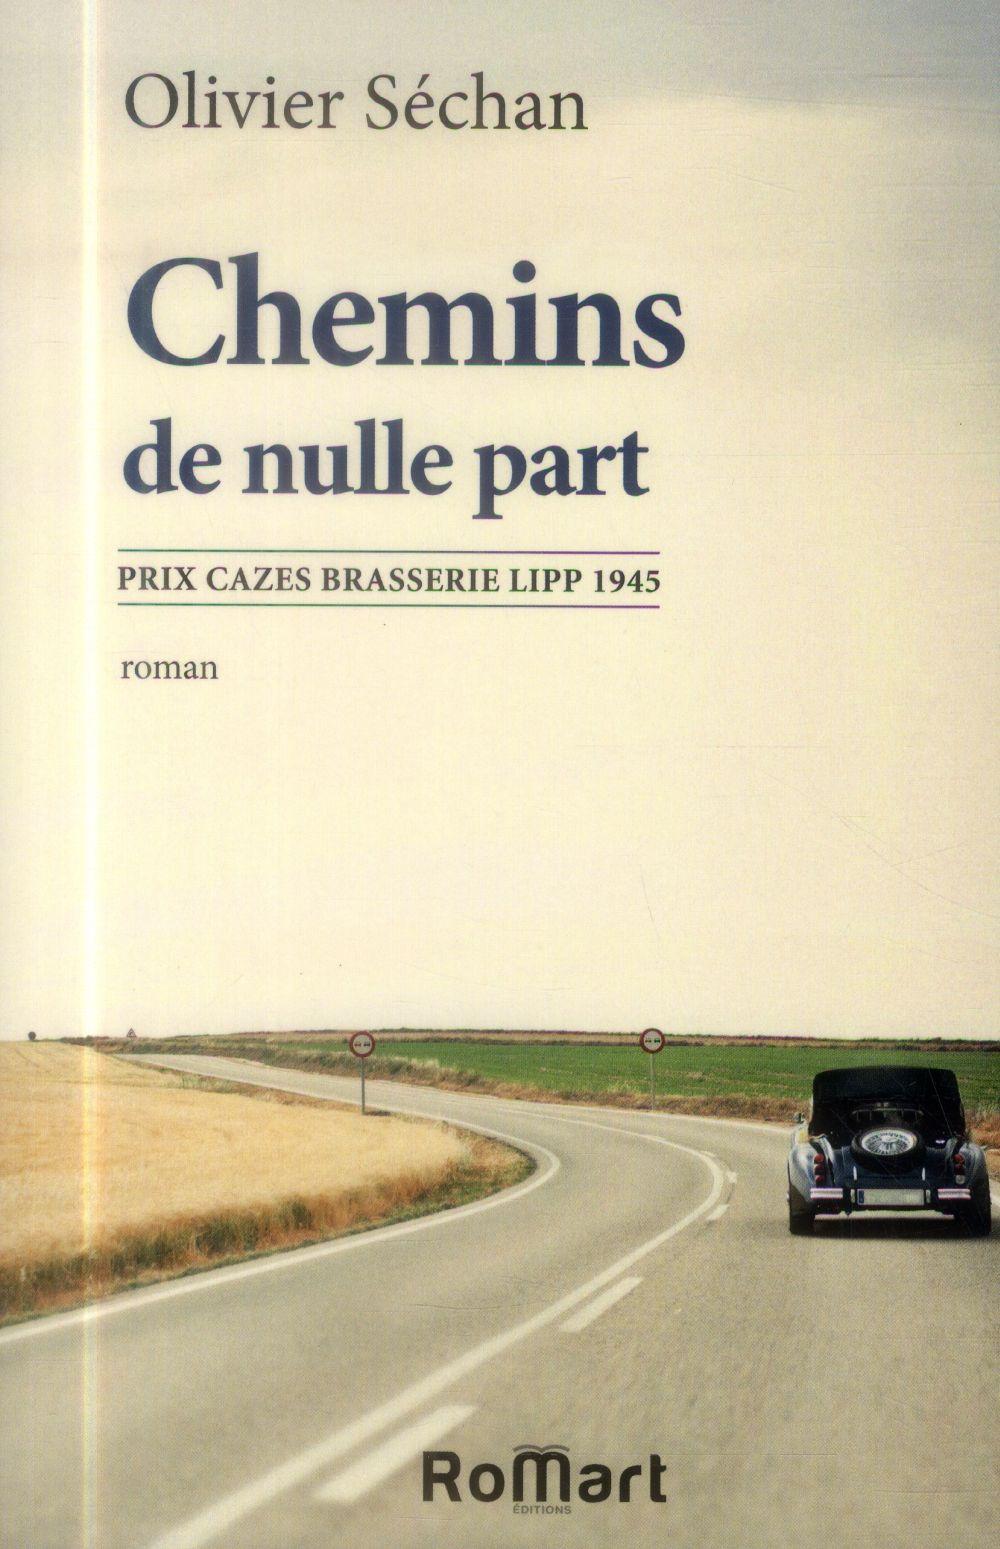 CHEMINS DE NULLE PART